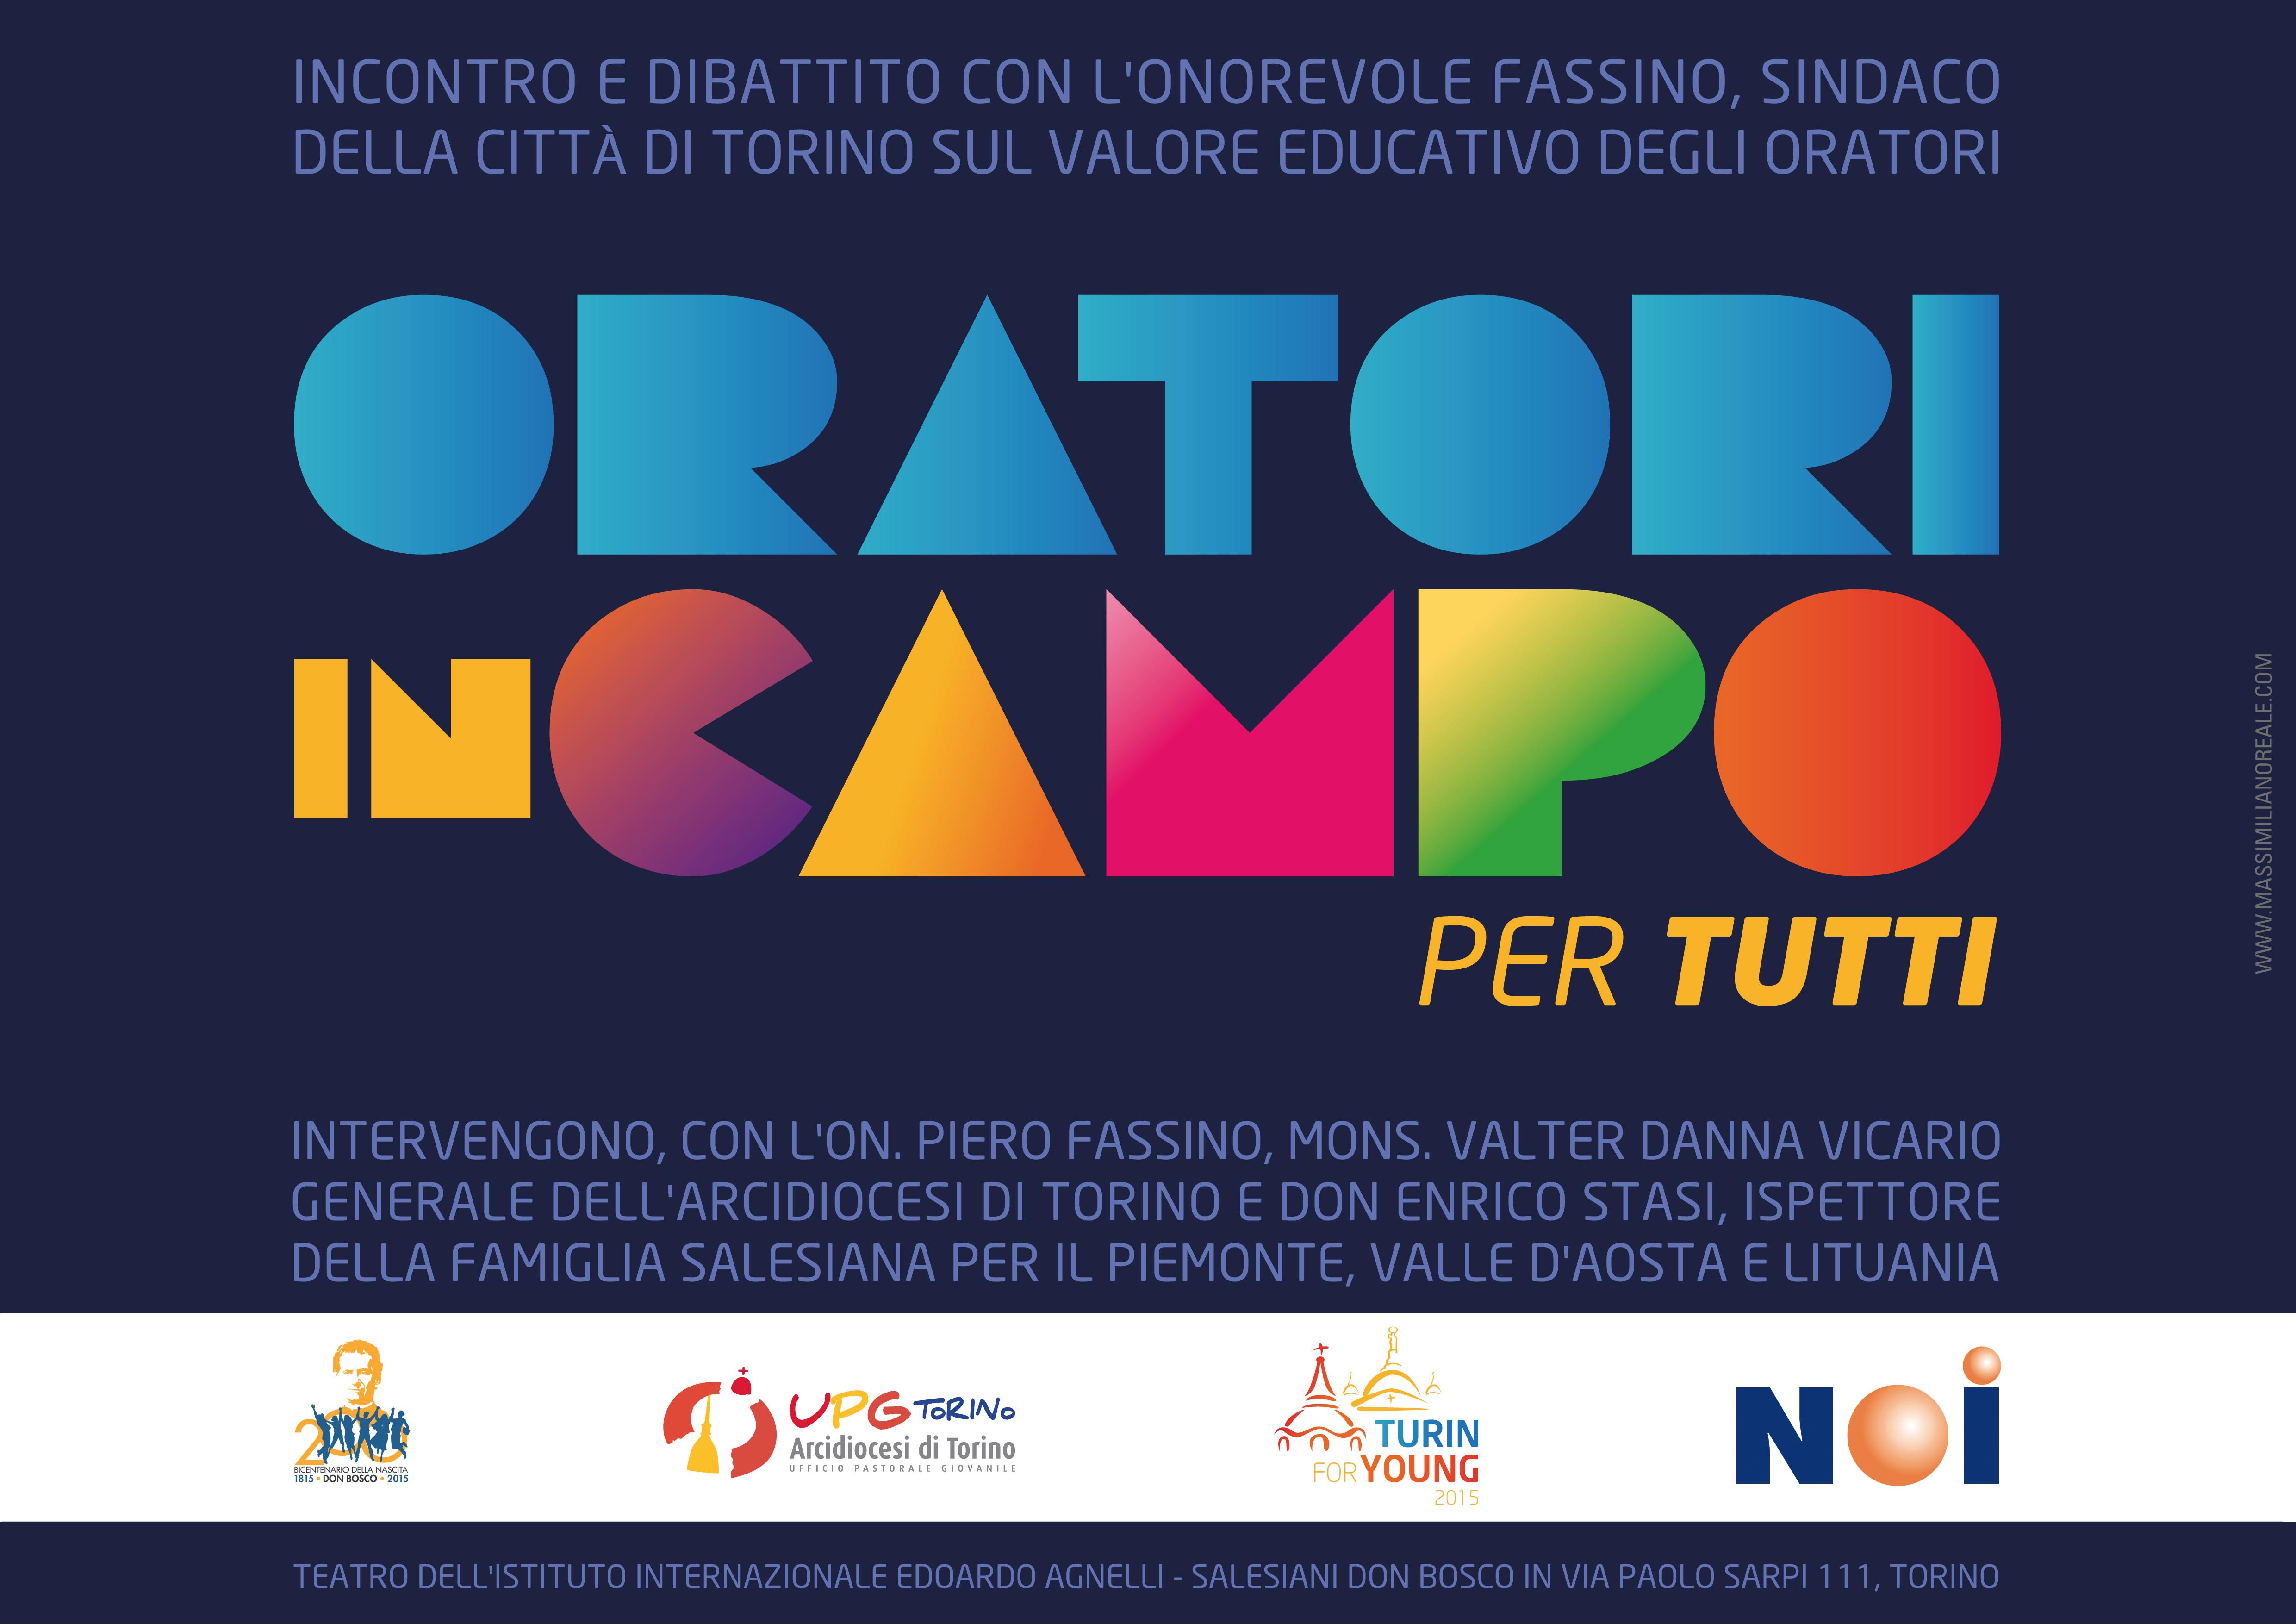 Oratori: in campo a Torino